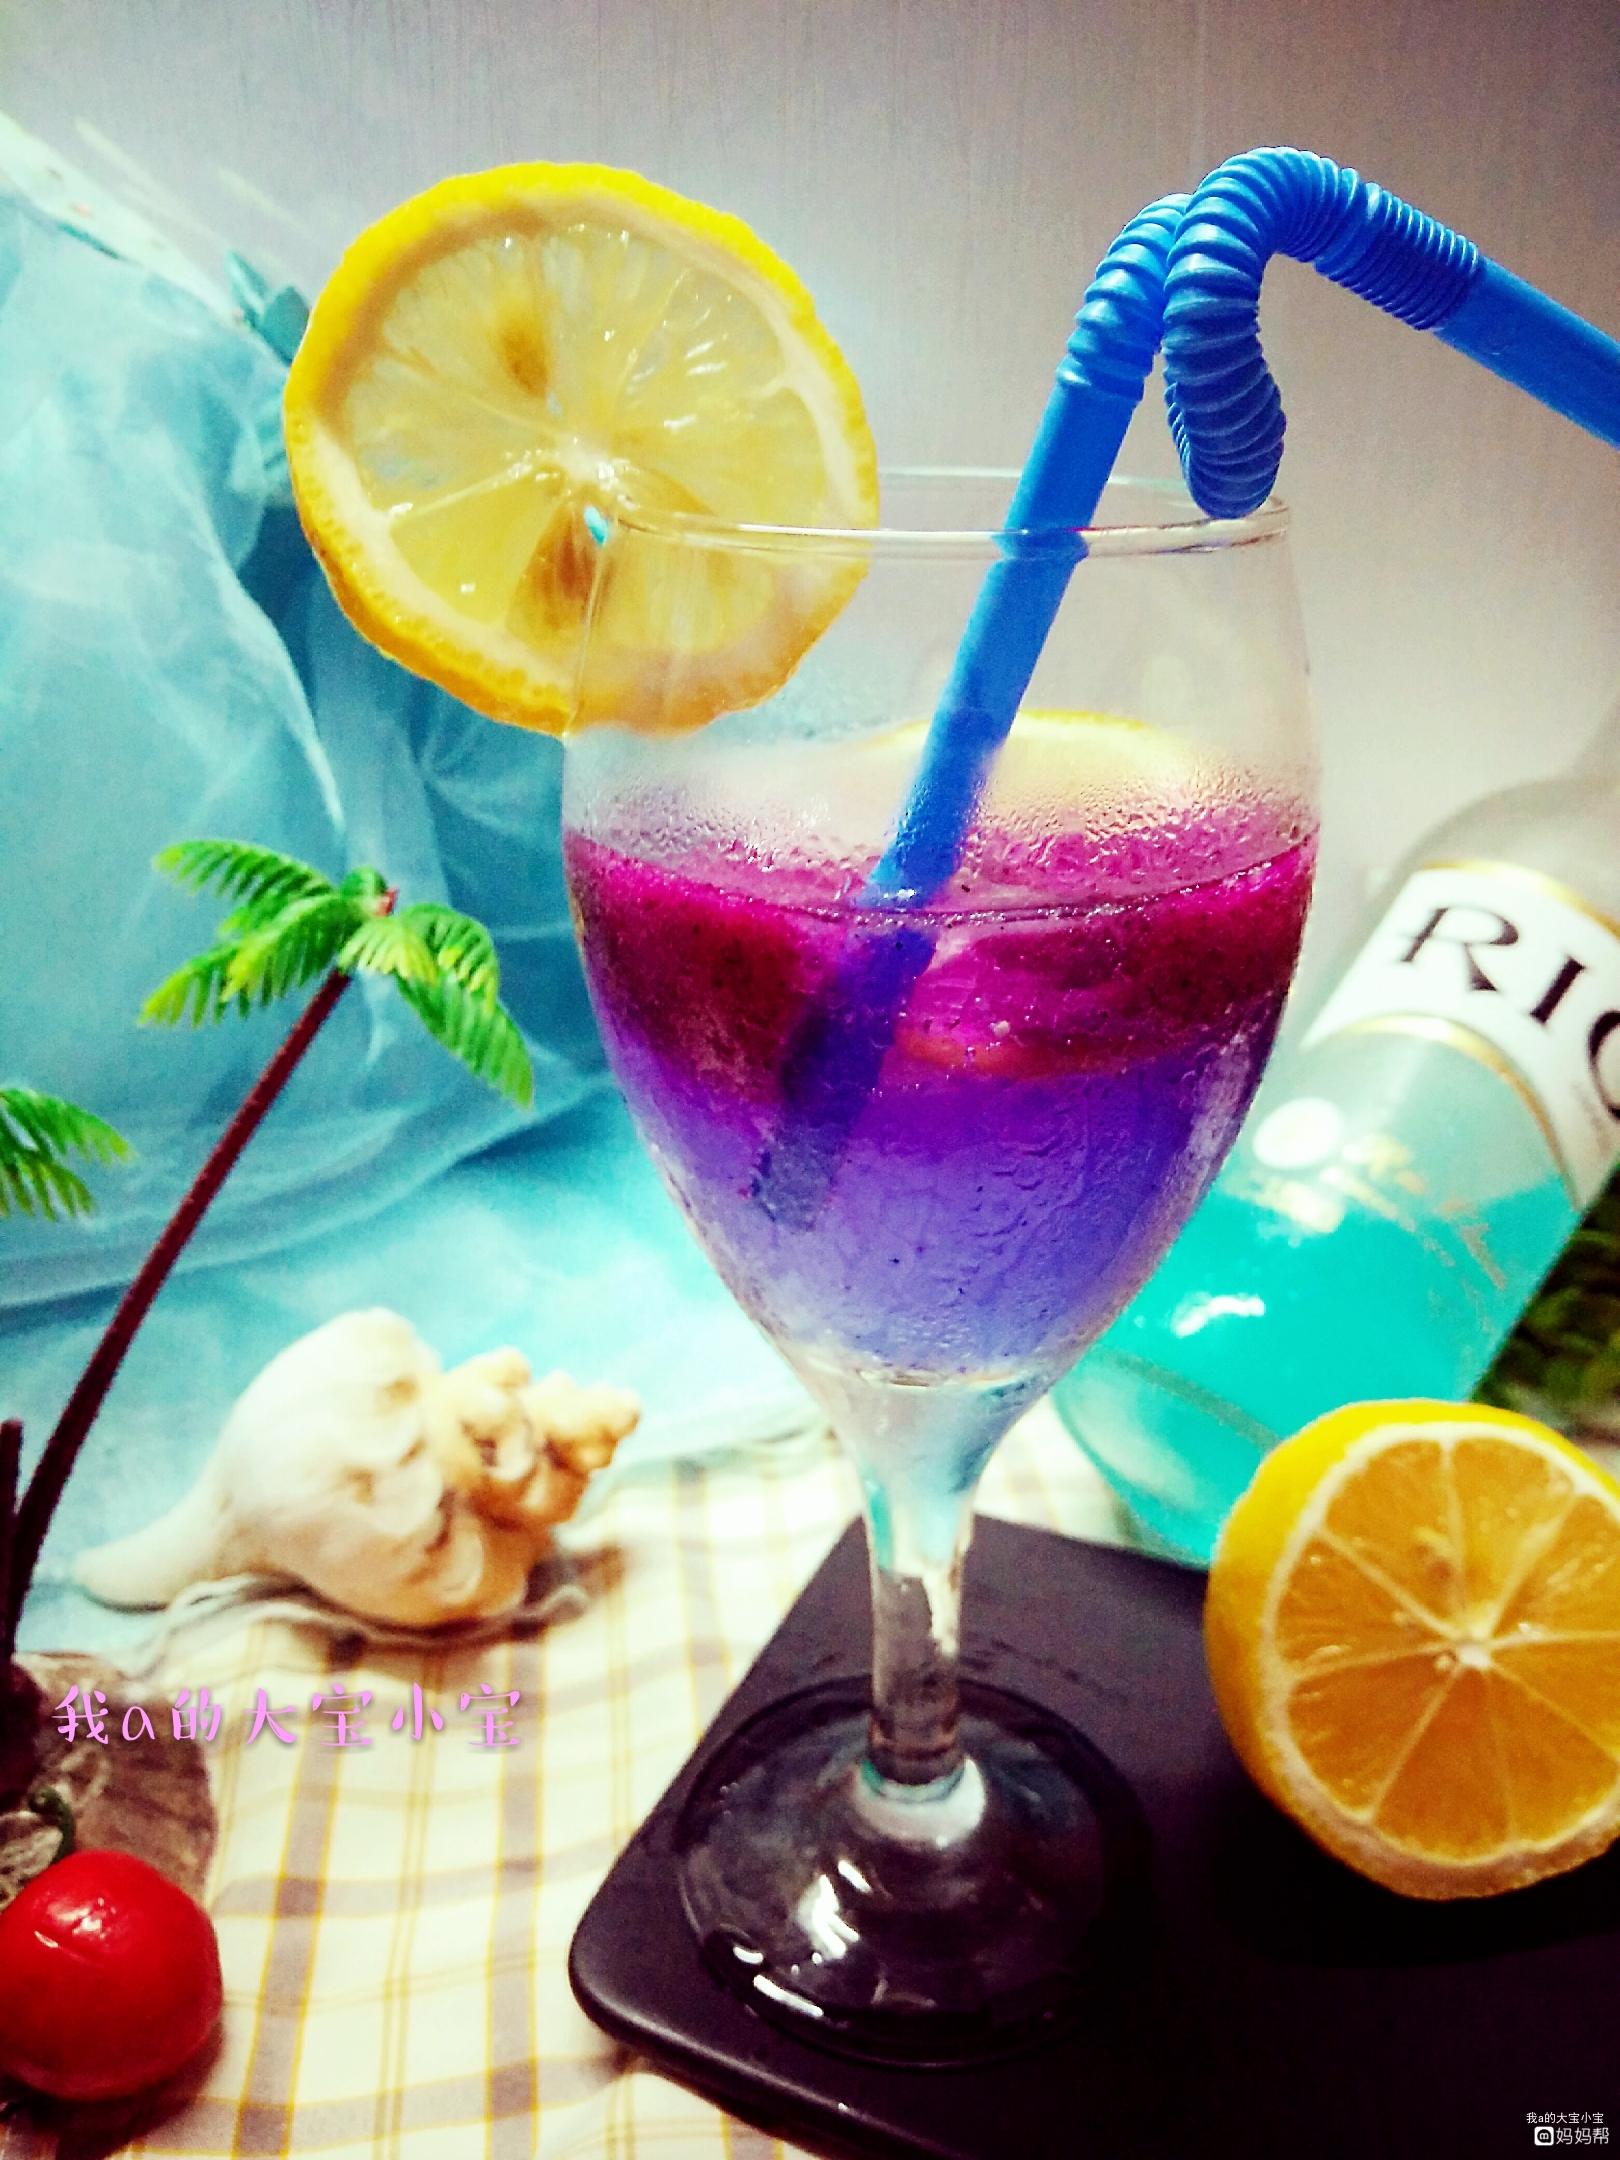 【夏日美食】 夏日饮品~蓝色海洋之心!